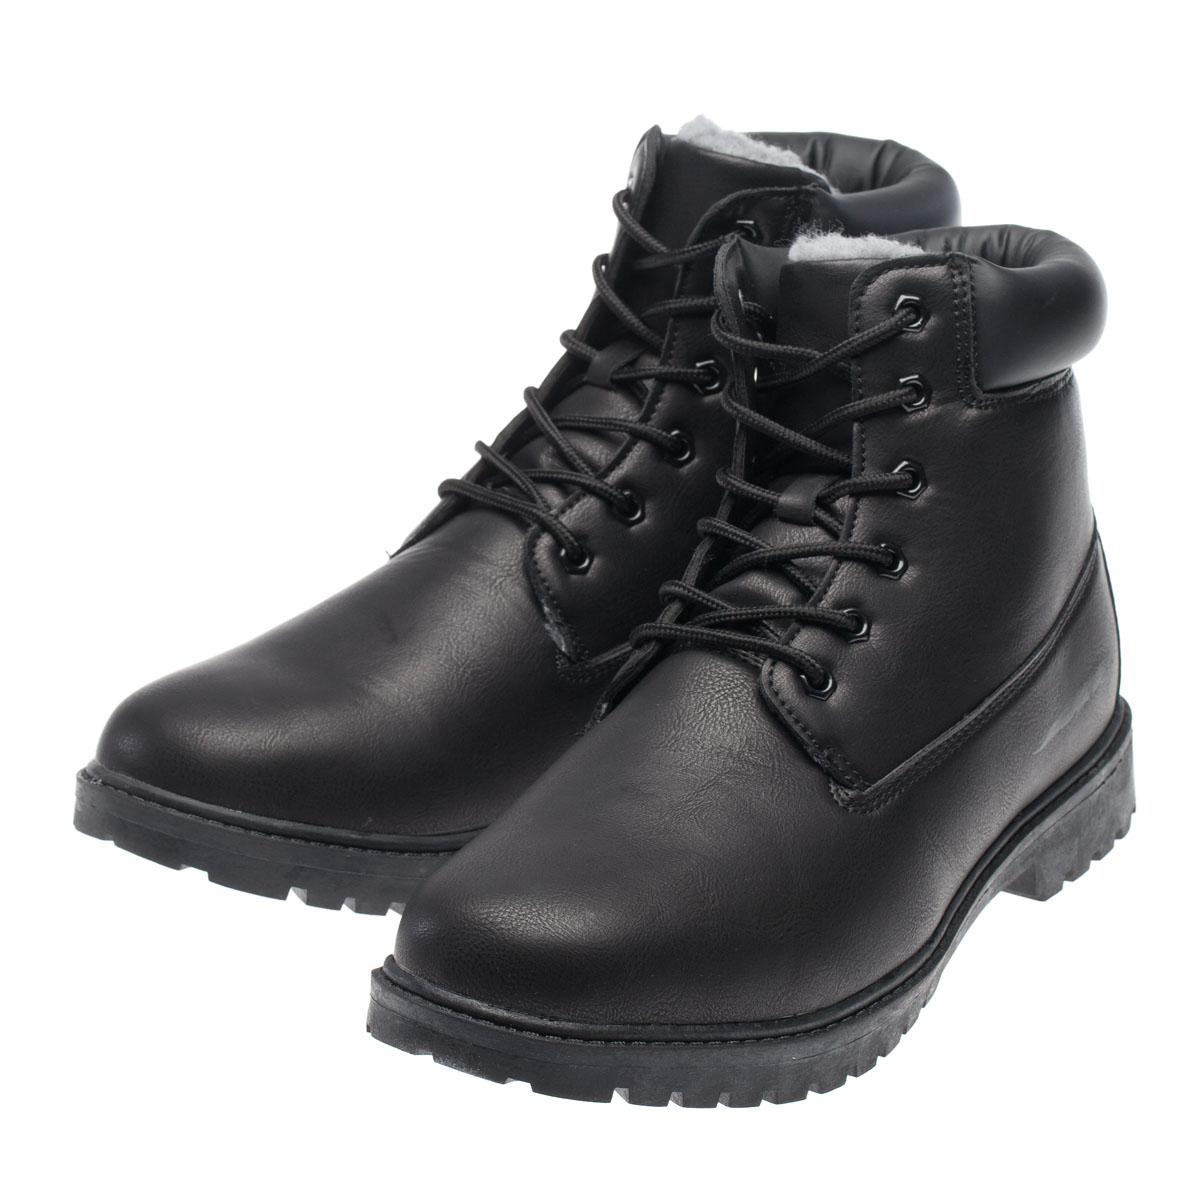 Фото - Ботинки демисезонные FERTO, SKL-001 ботинки демисезонные ferto skl 008